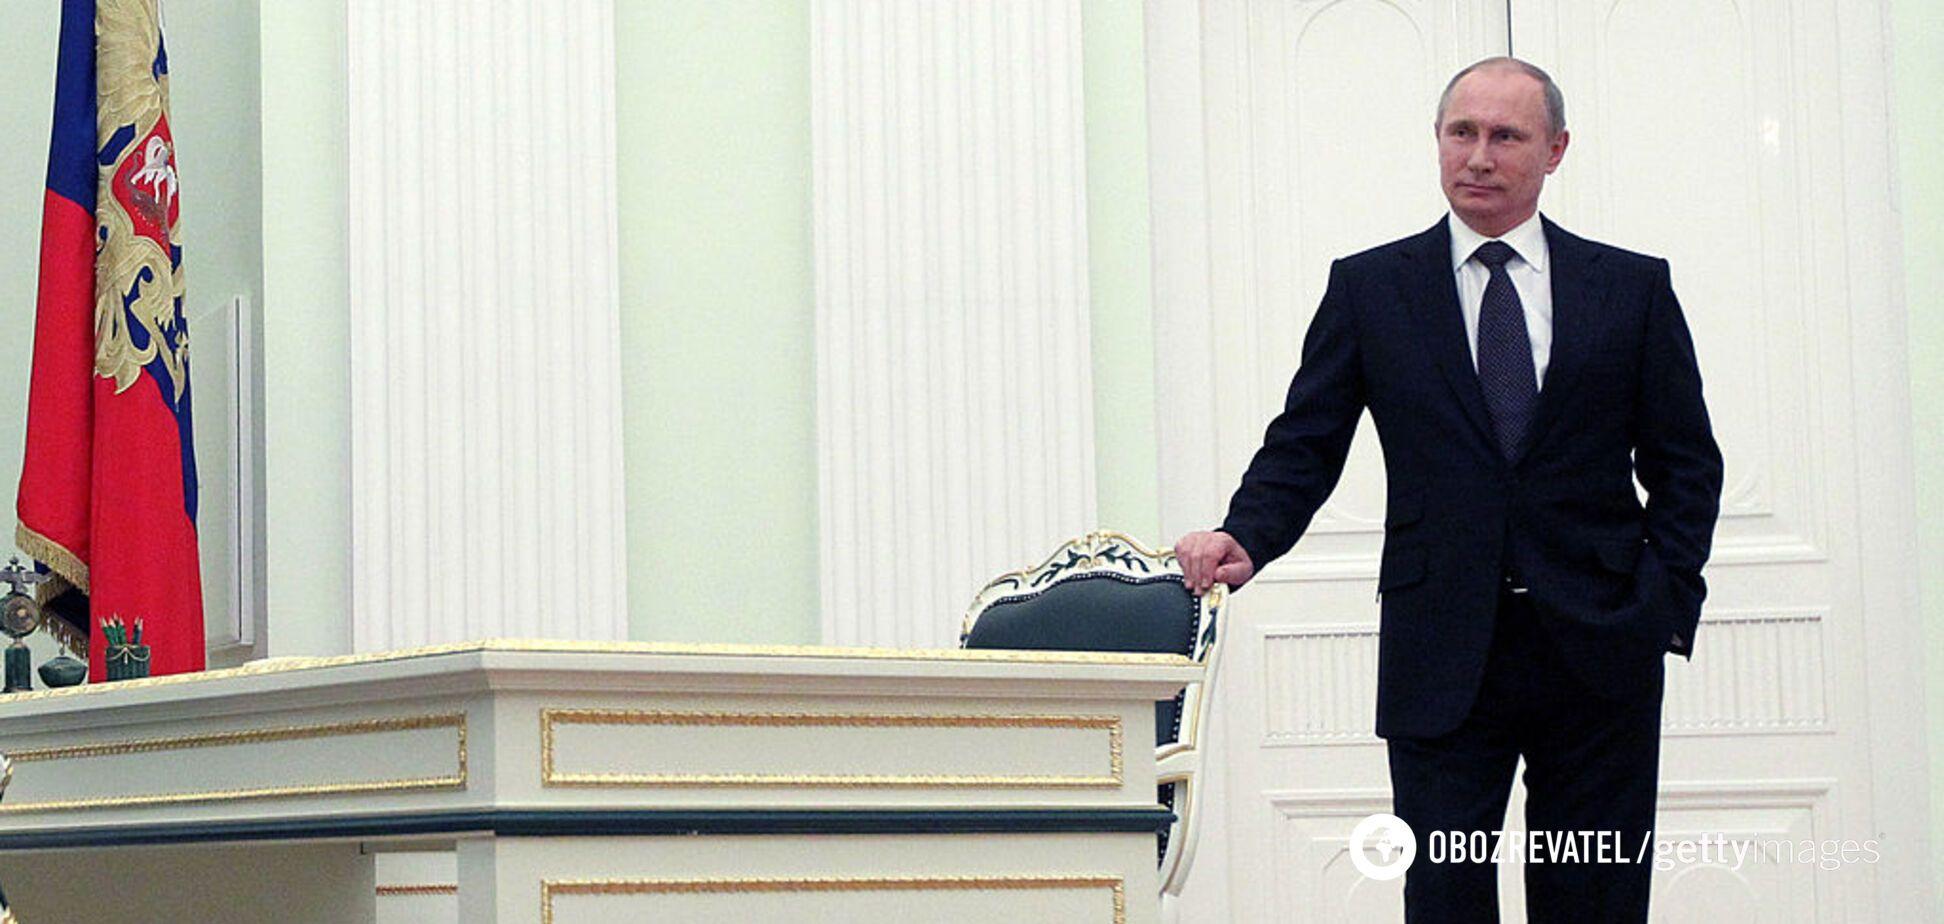 Путин хочет 'перезагрузиться' за счет Украины – Климкин